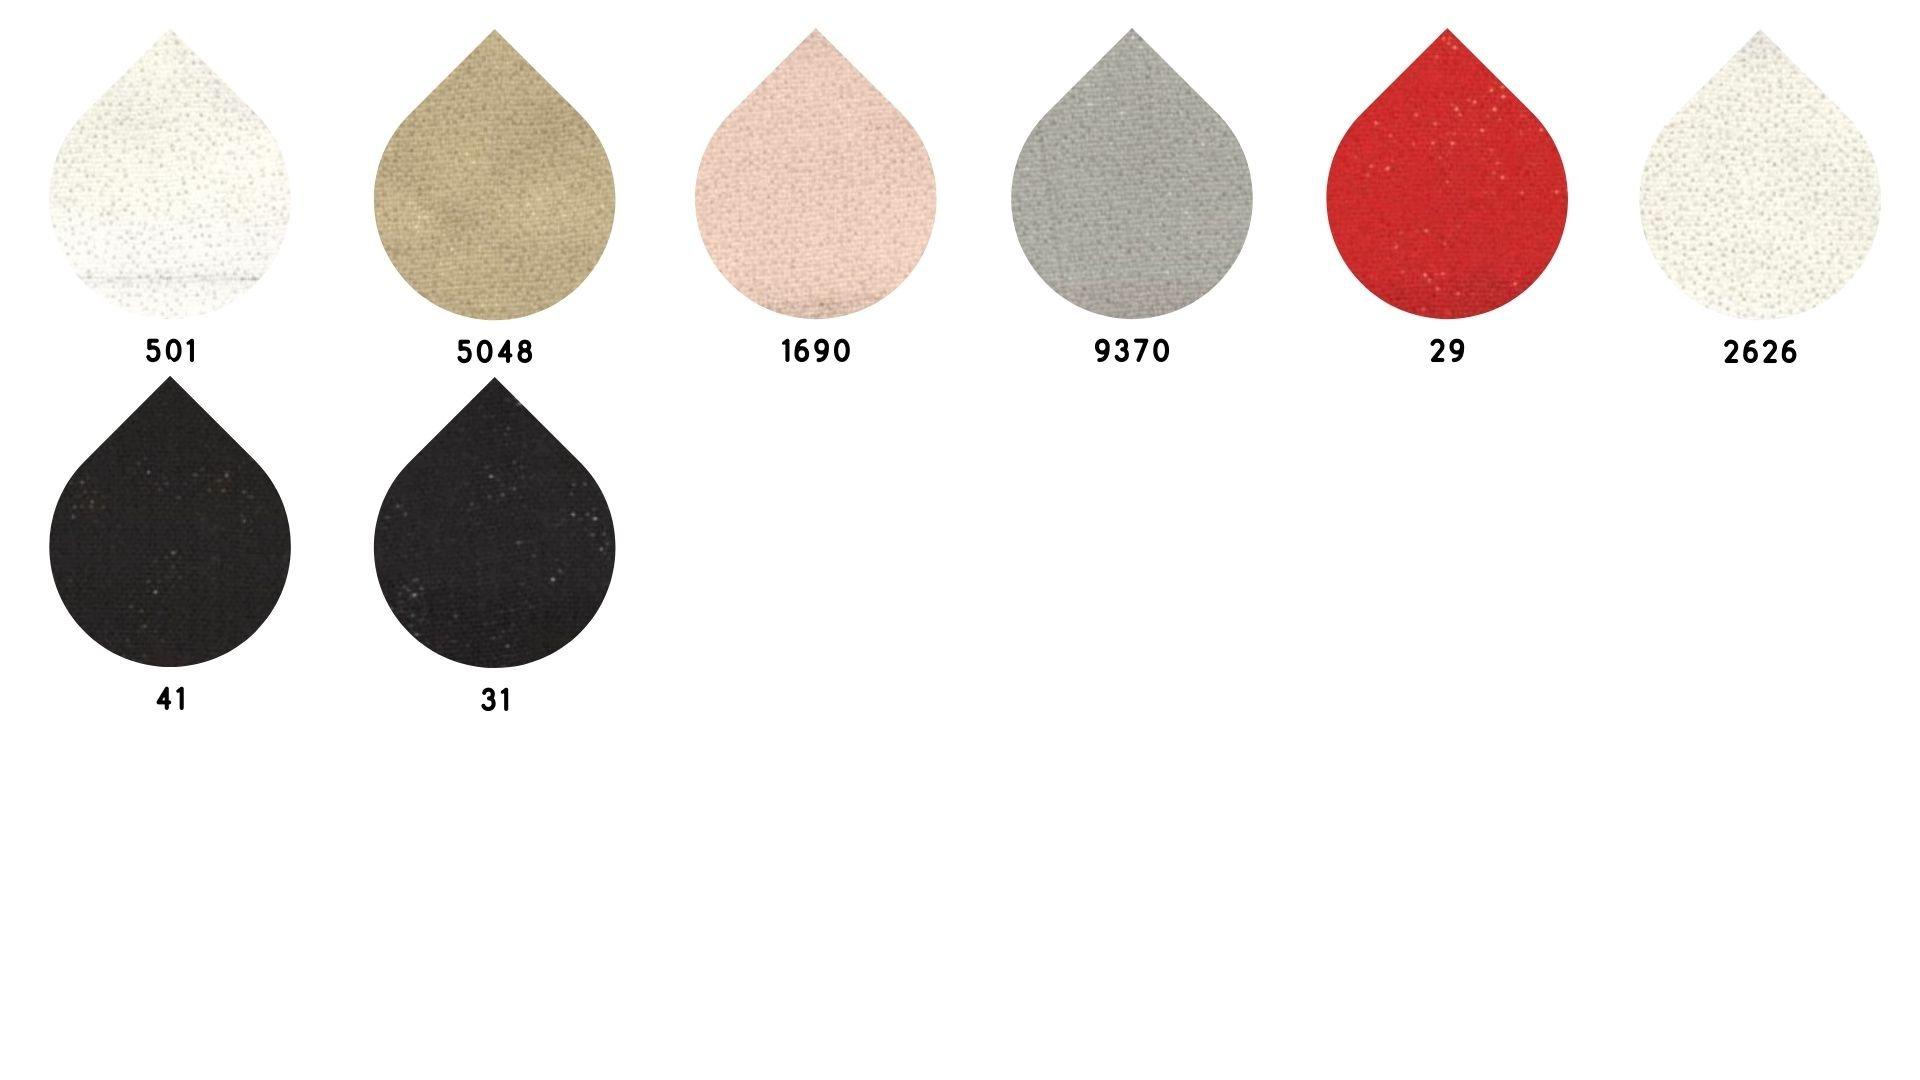 la cartella colore del tessuto superior smog foil chiffon di Leadford & Logan